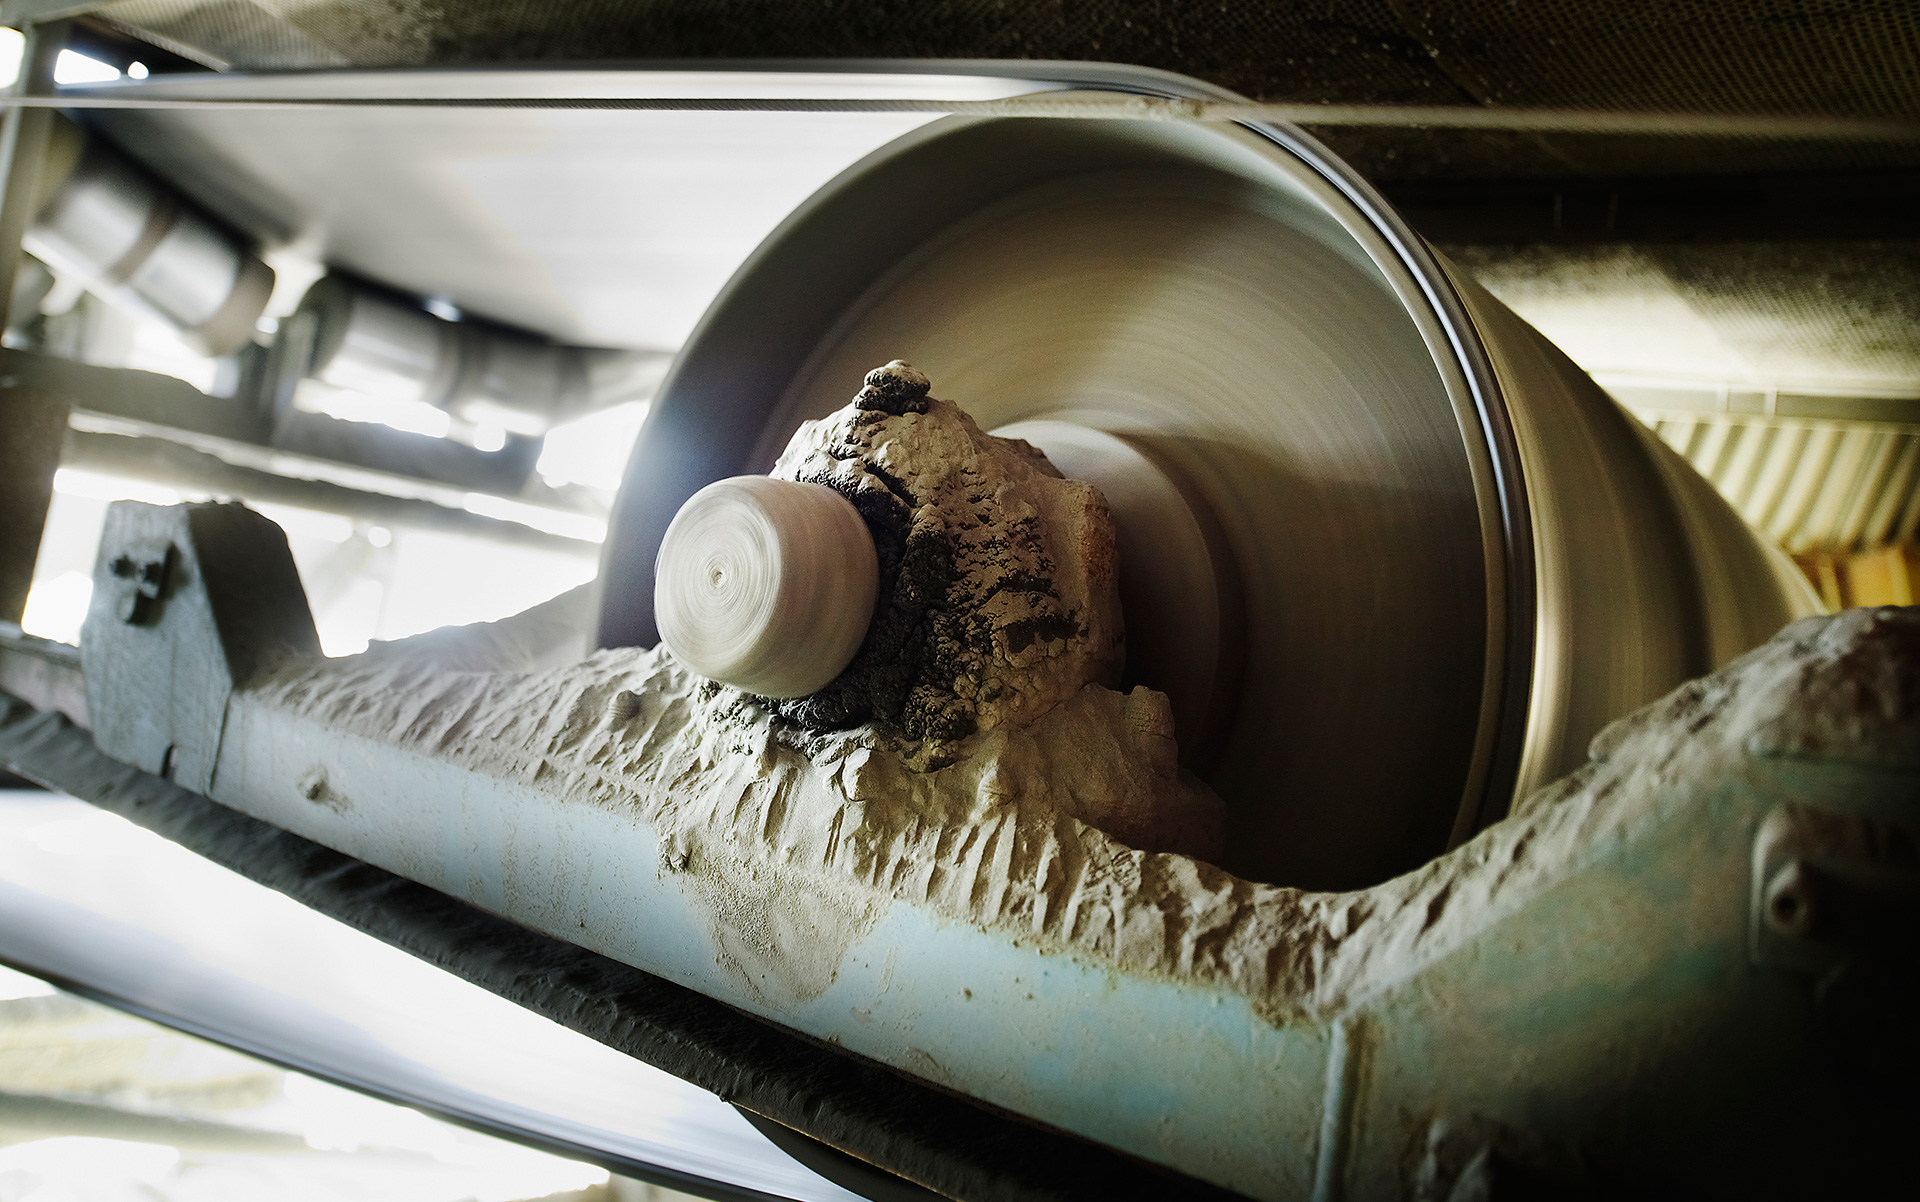 La contamination constitue une cause majeure d'usure des roulements qui peut conduire jusqu'à l'avarie.